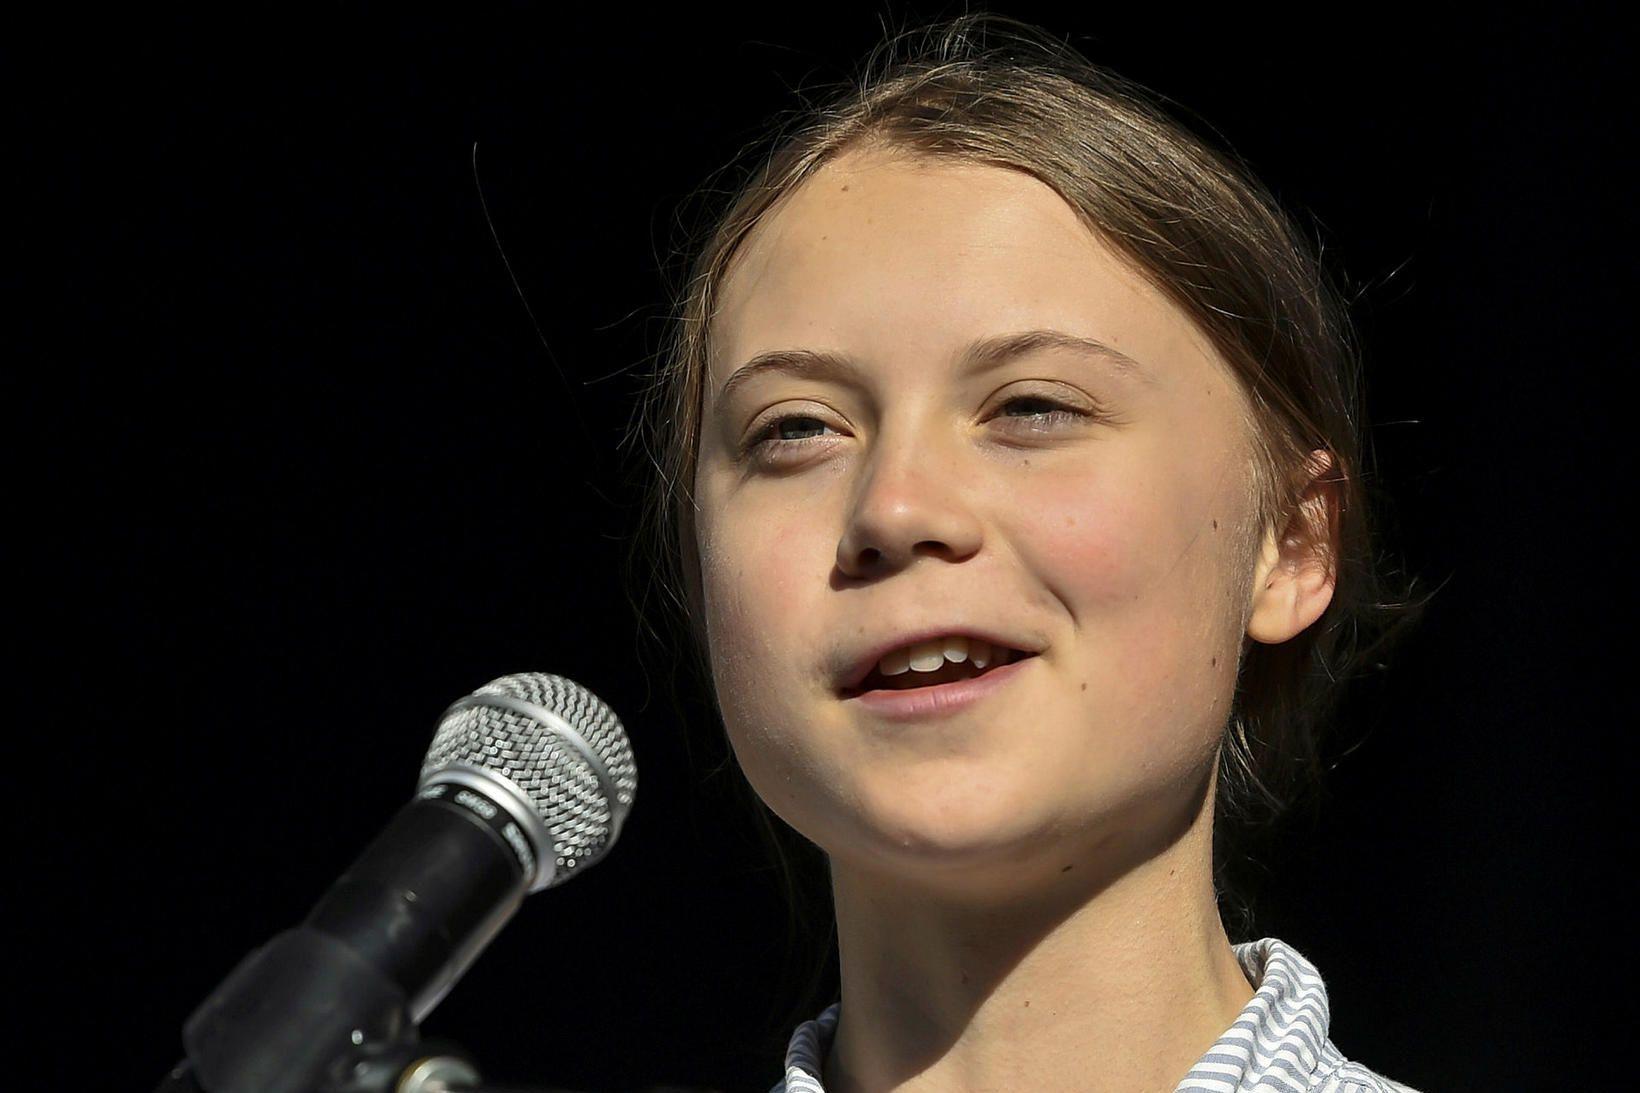 Sænski aðgerðarsinninn Greta Thunberg.